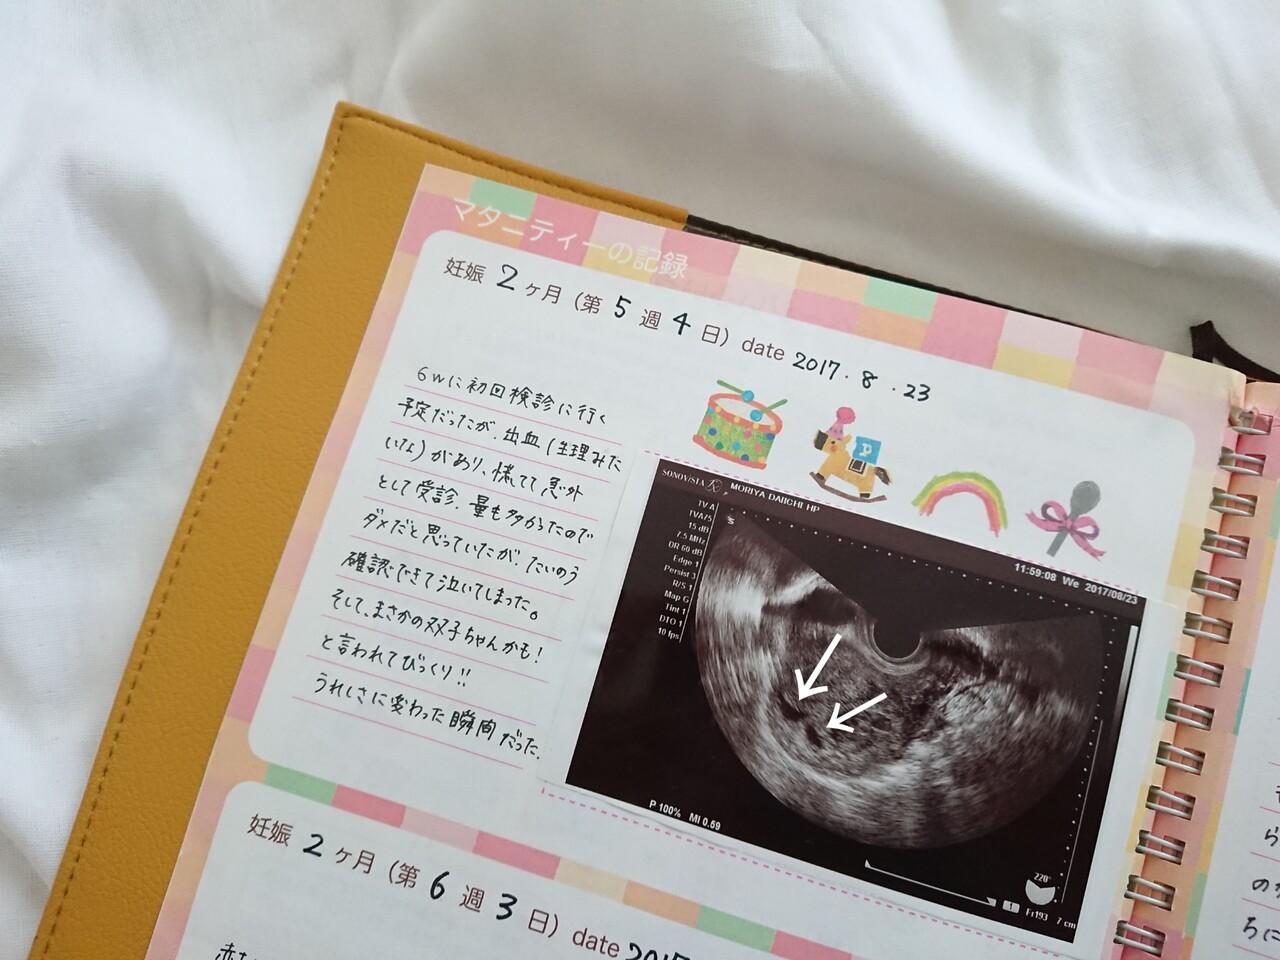 腹部 なし 妊娠 痛 出血 初期 下